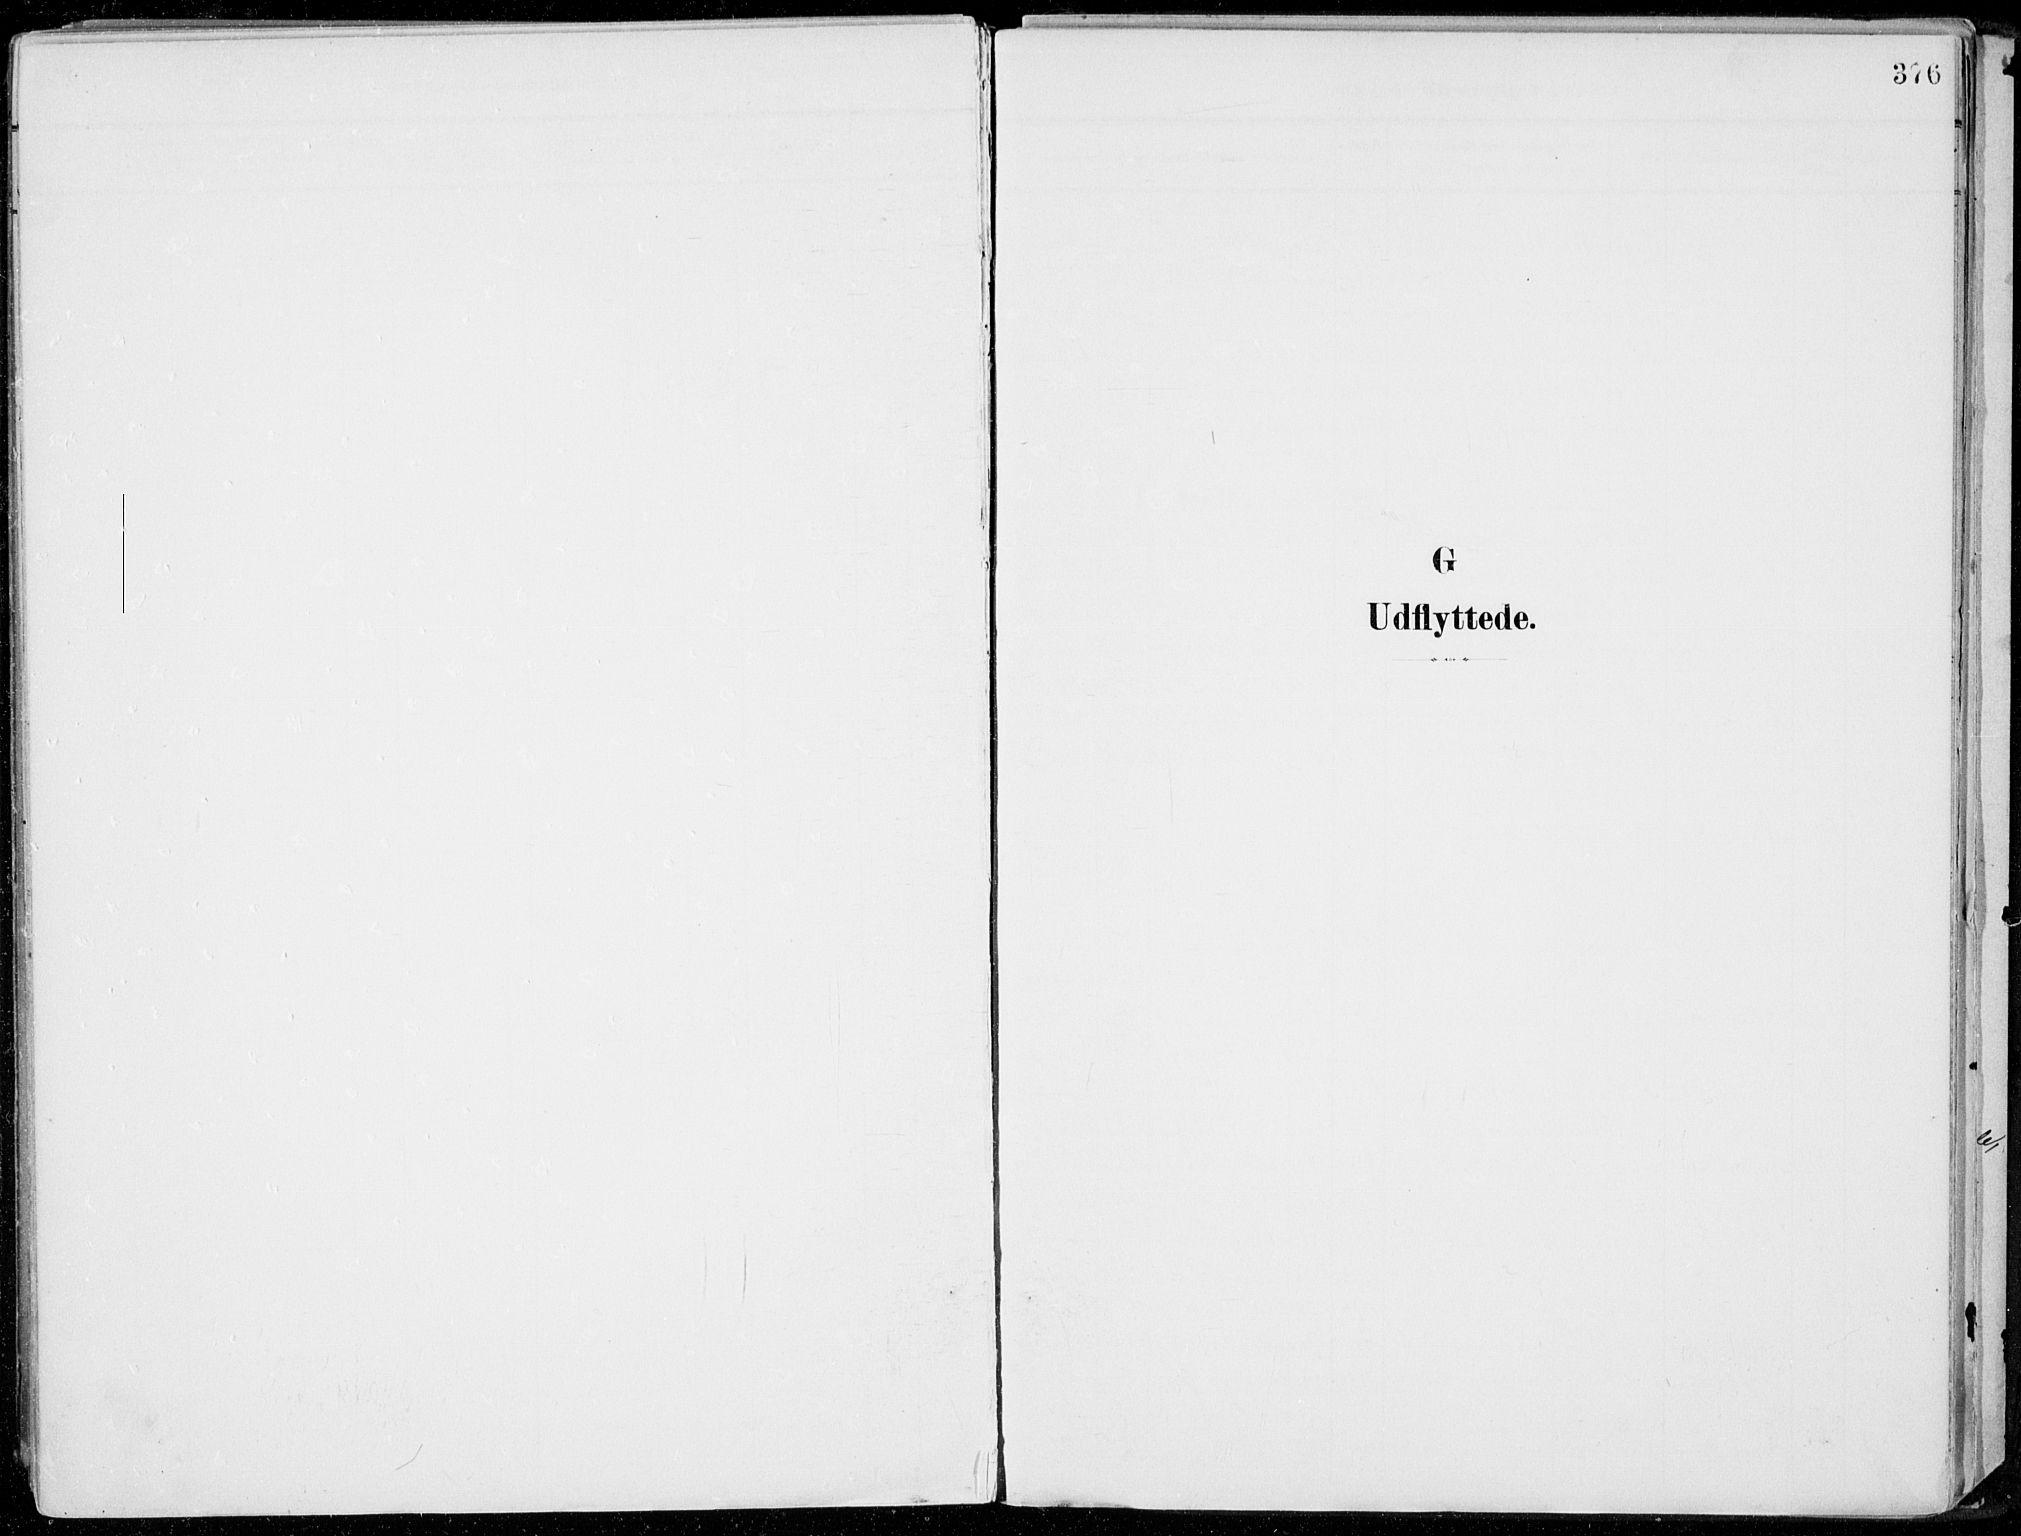 SAH, Lillehammer prestekontor, H/Ha/Haa/L0001: Parish register (official) no. 1, 1901-1916, p. 376